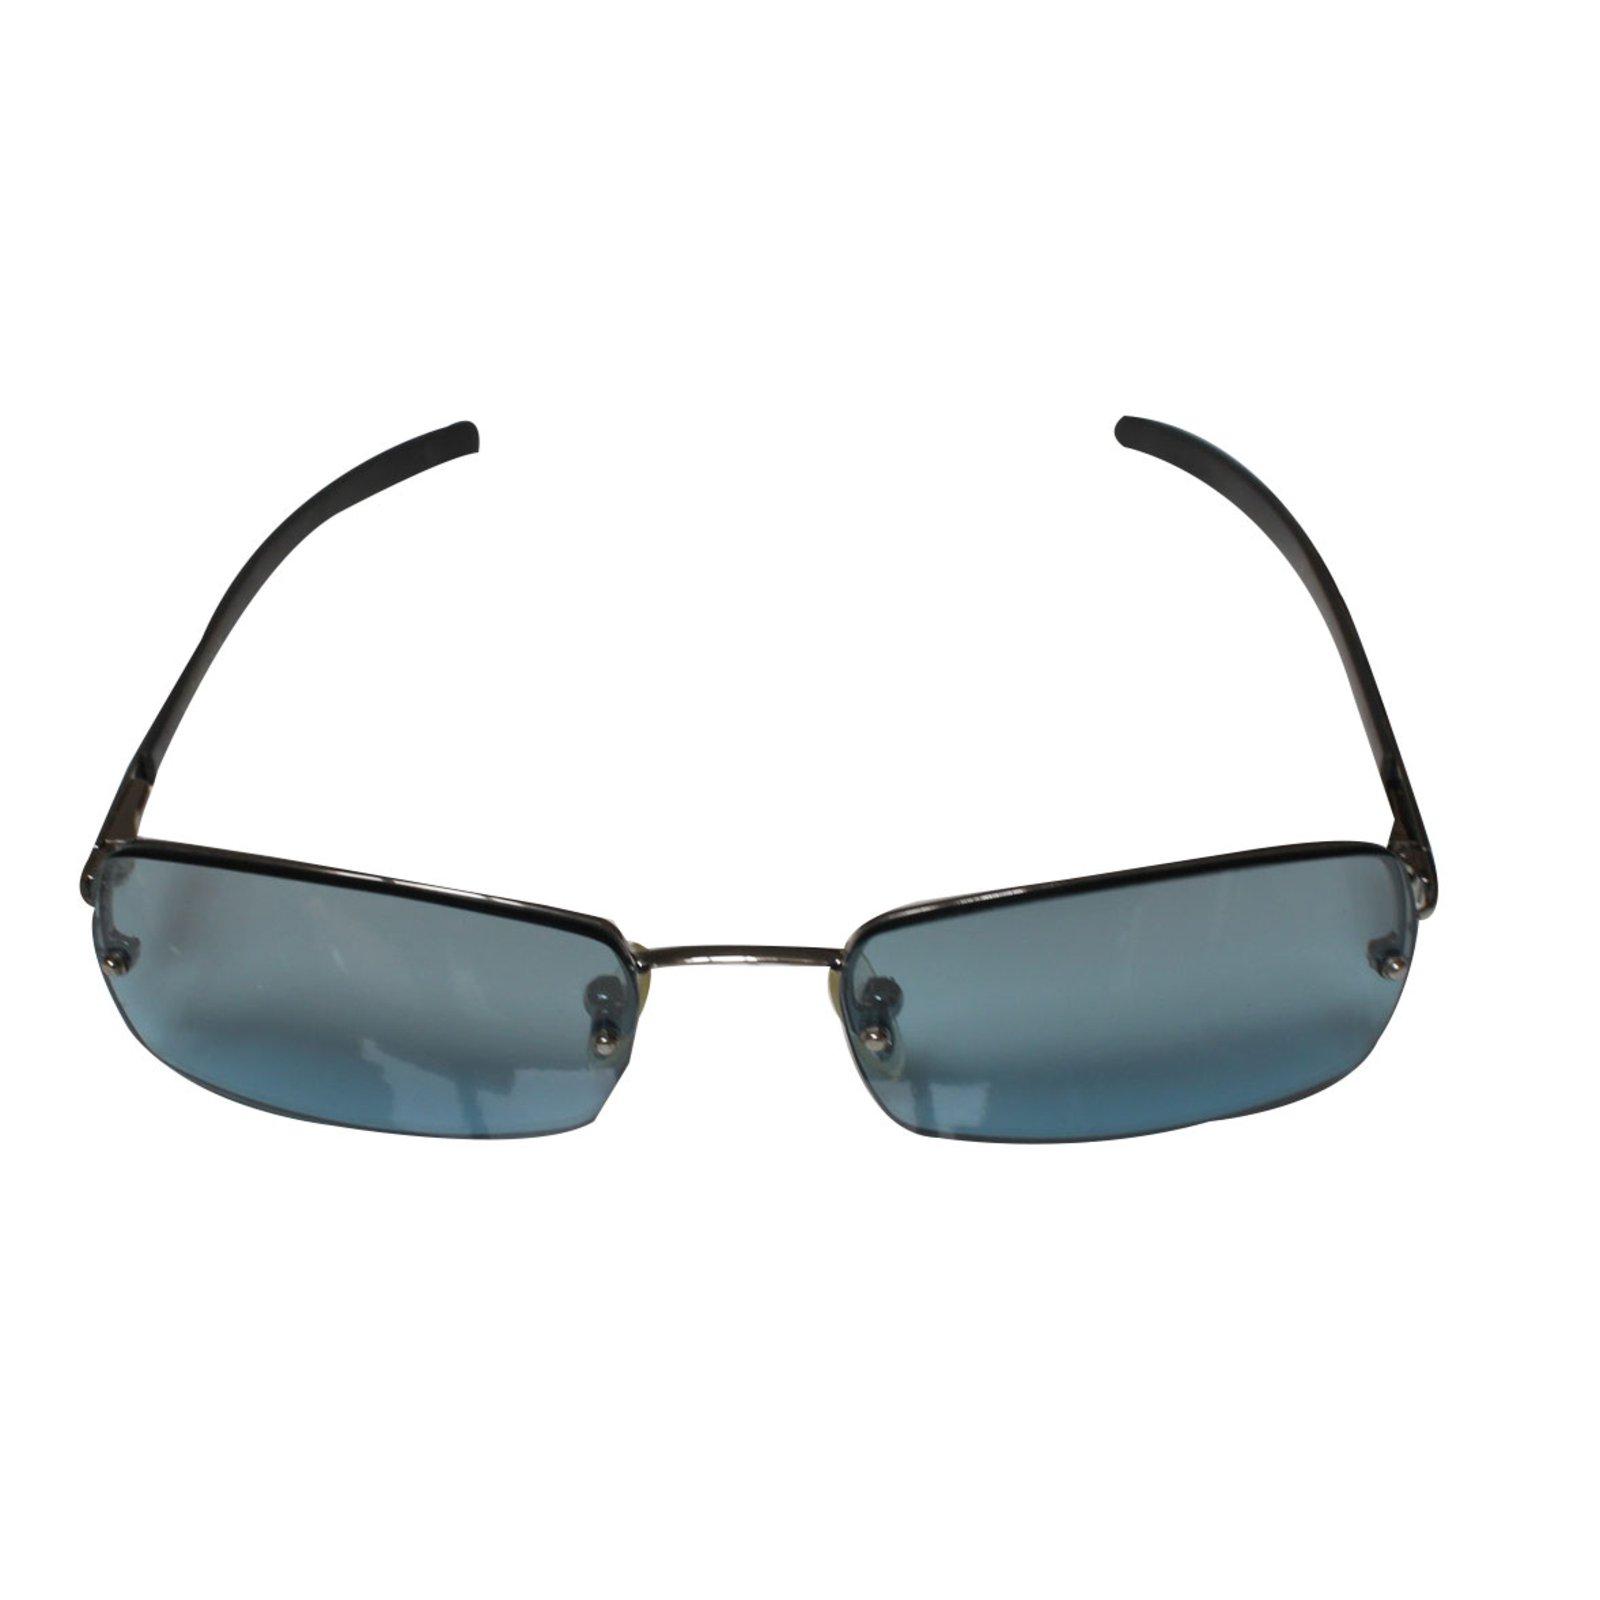 c1306234d4 Lunettes Autre Marque Lunette Police Autre Bleu ref.22607 - Joli Closet